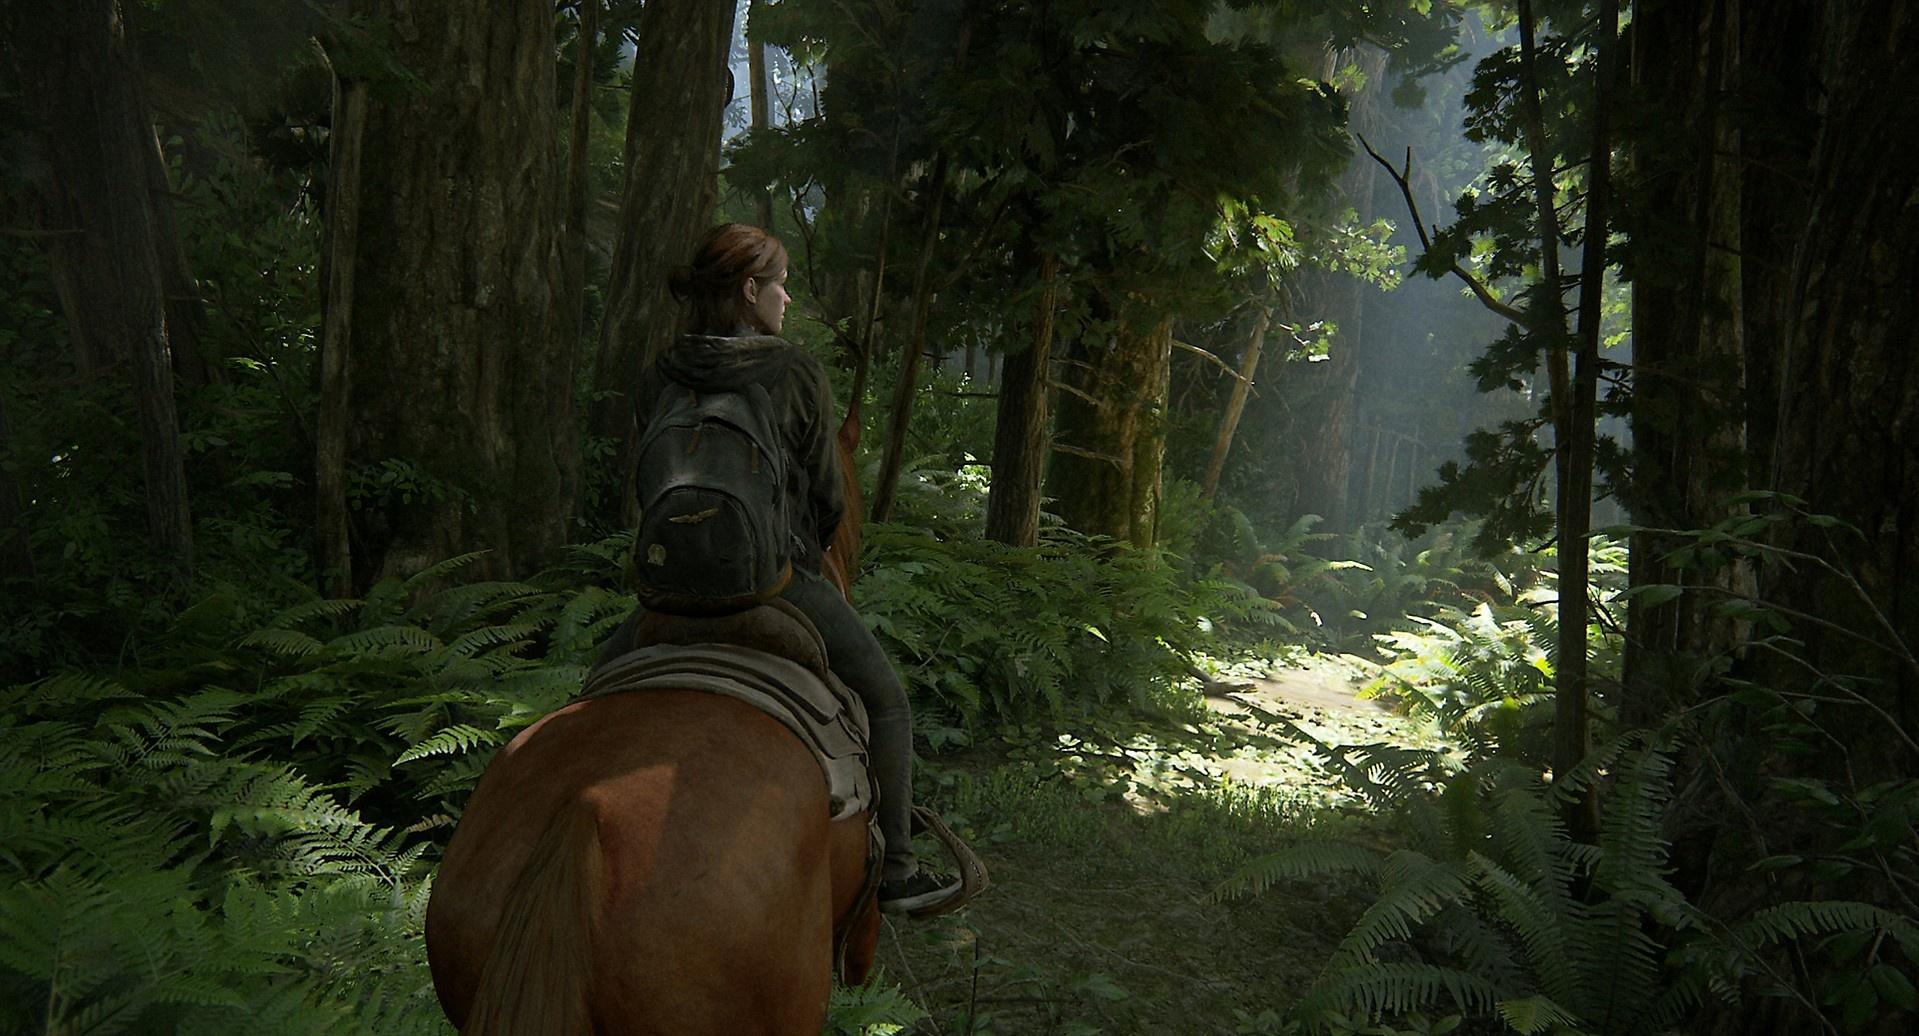 Sony убрала предзаказ The Last of Us: Part II в PS Store и начала возврат средств